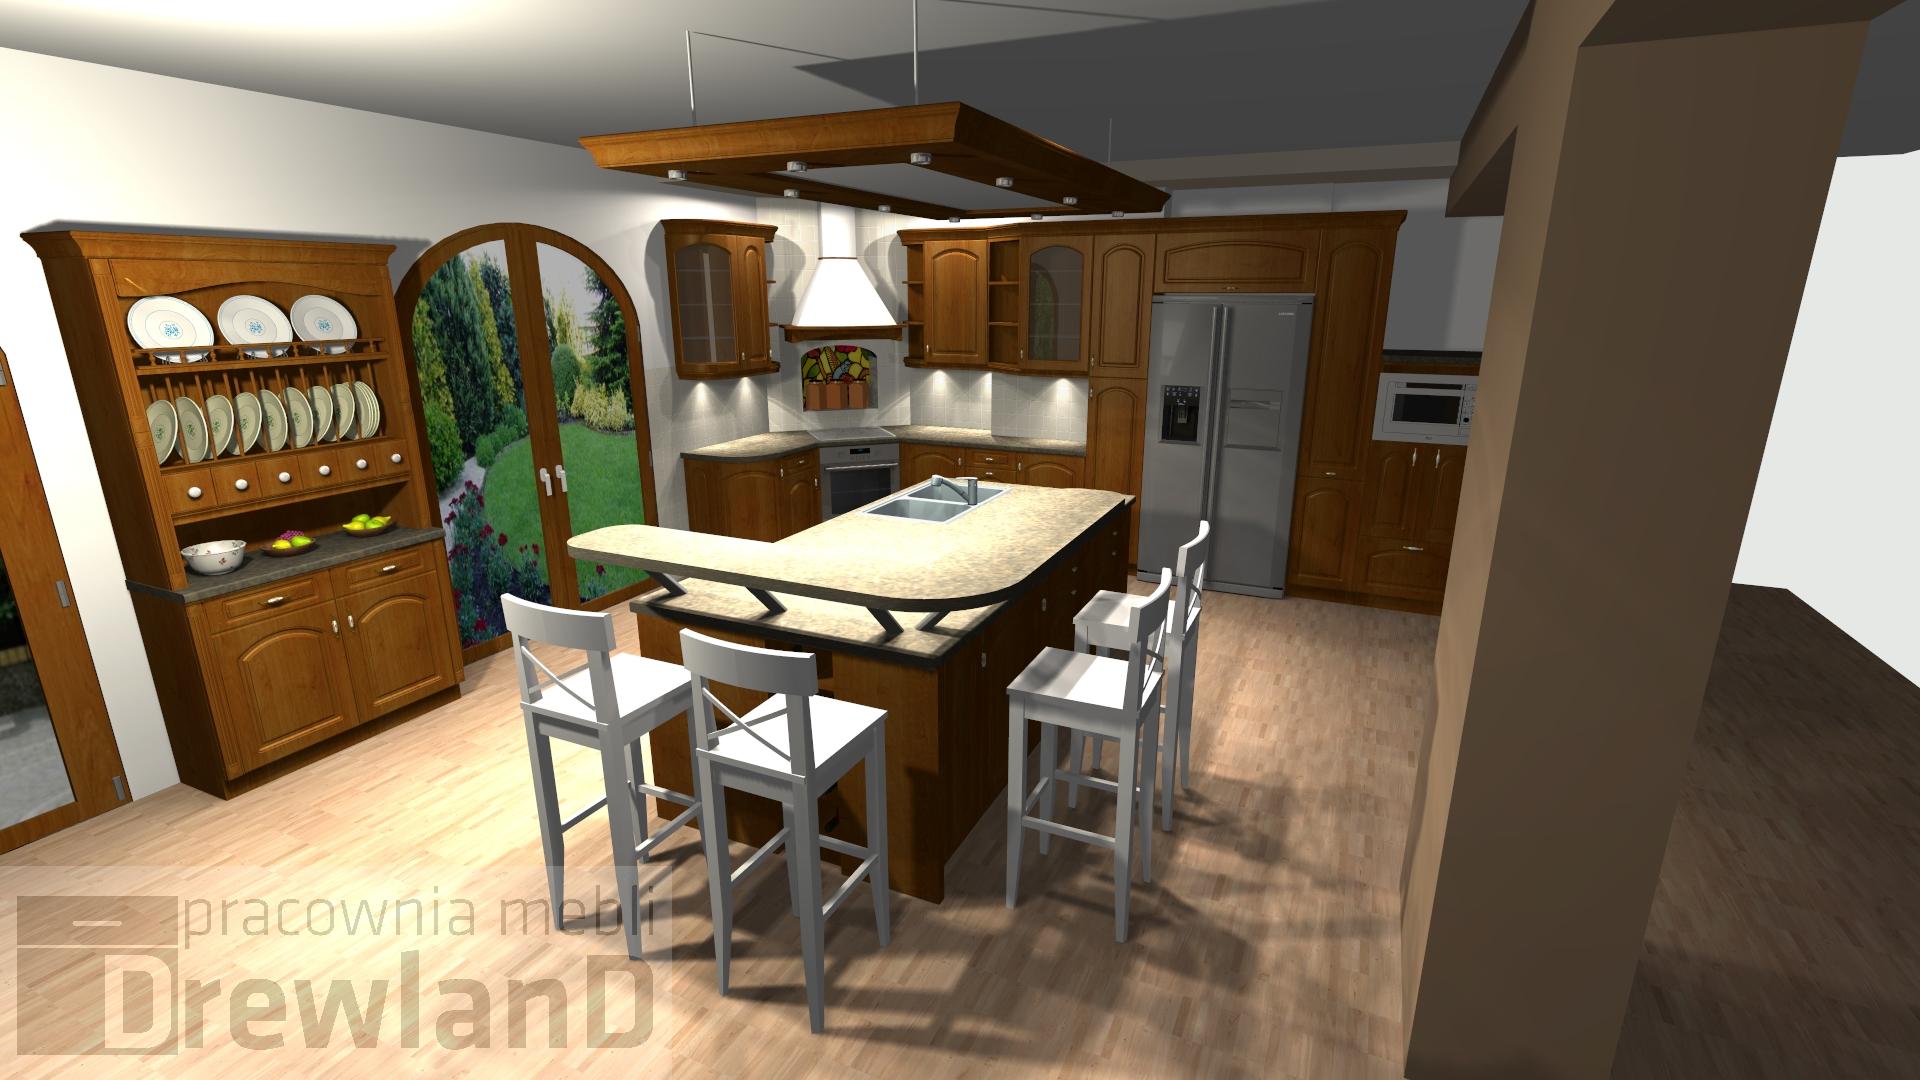 Aranżacja kuchni – duża kuchnia w domku na wsi  Drewland pl